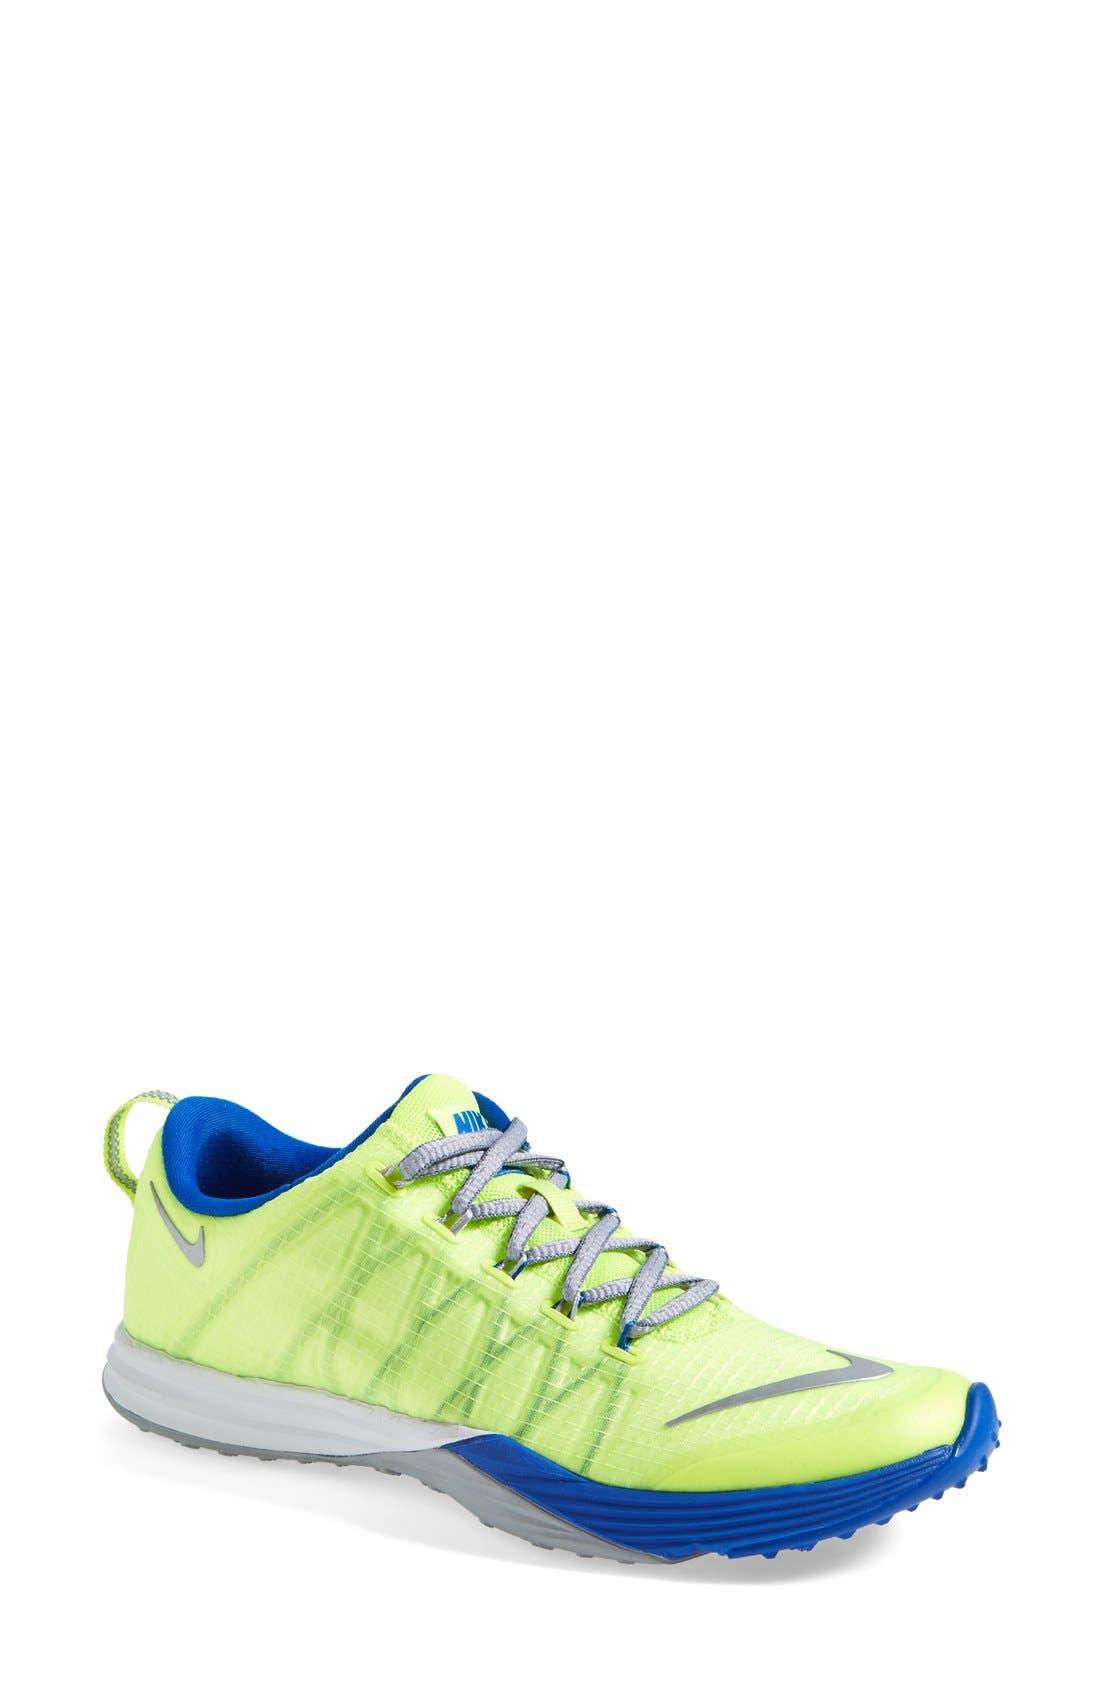 Main Image - Nike 'Lunar Cross Element' Training Shoe (Women)